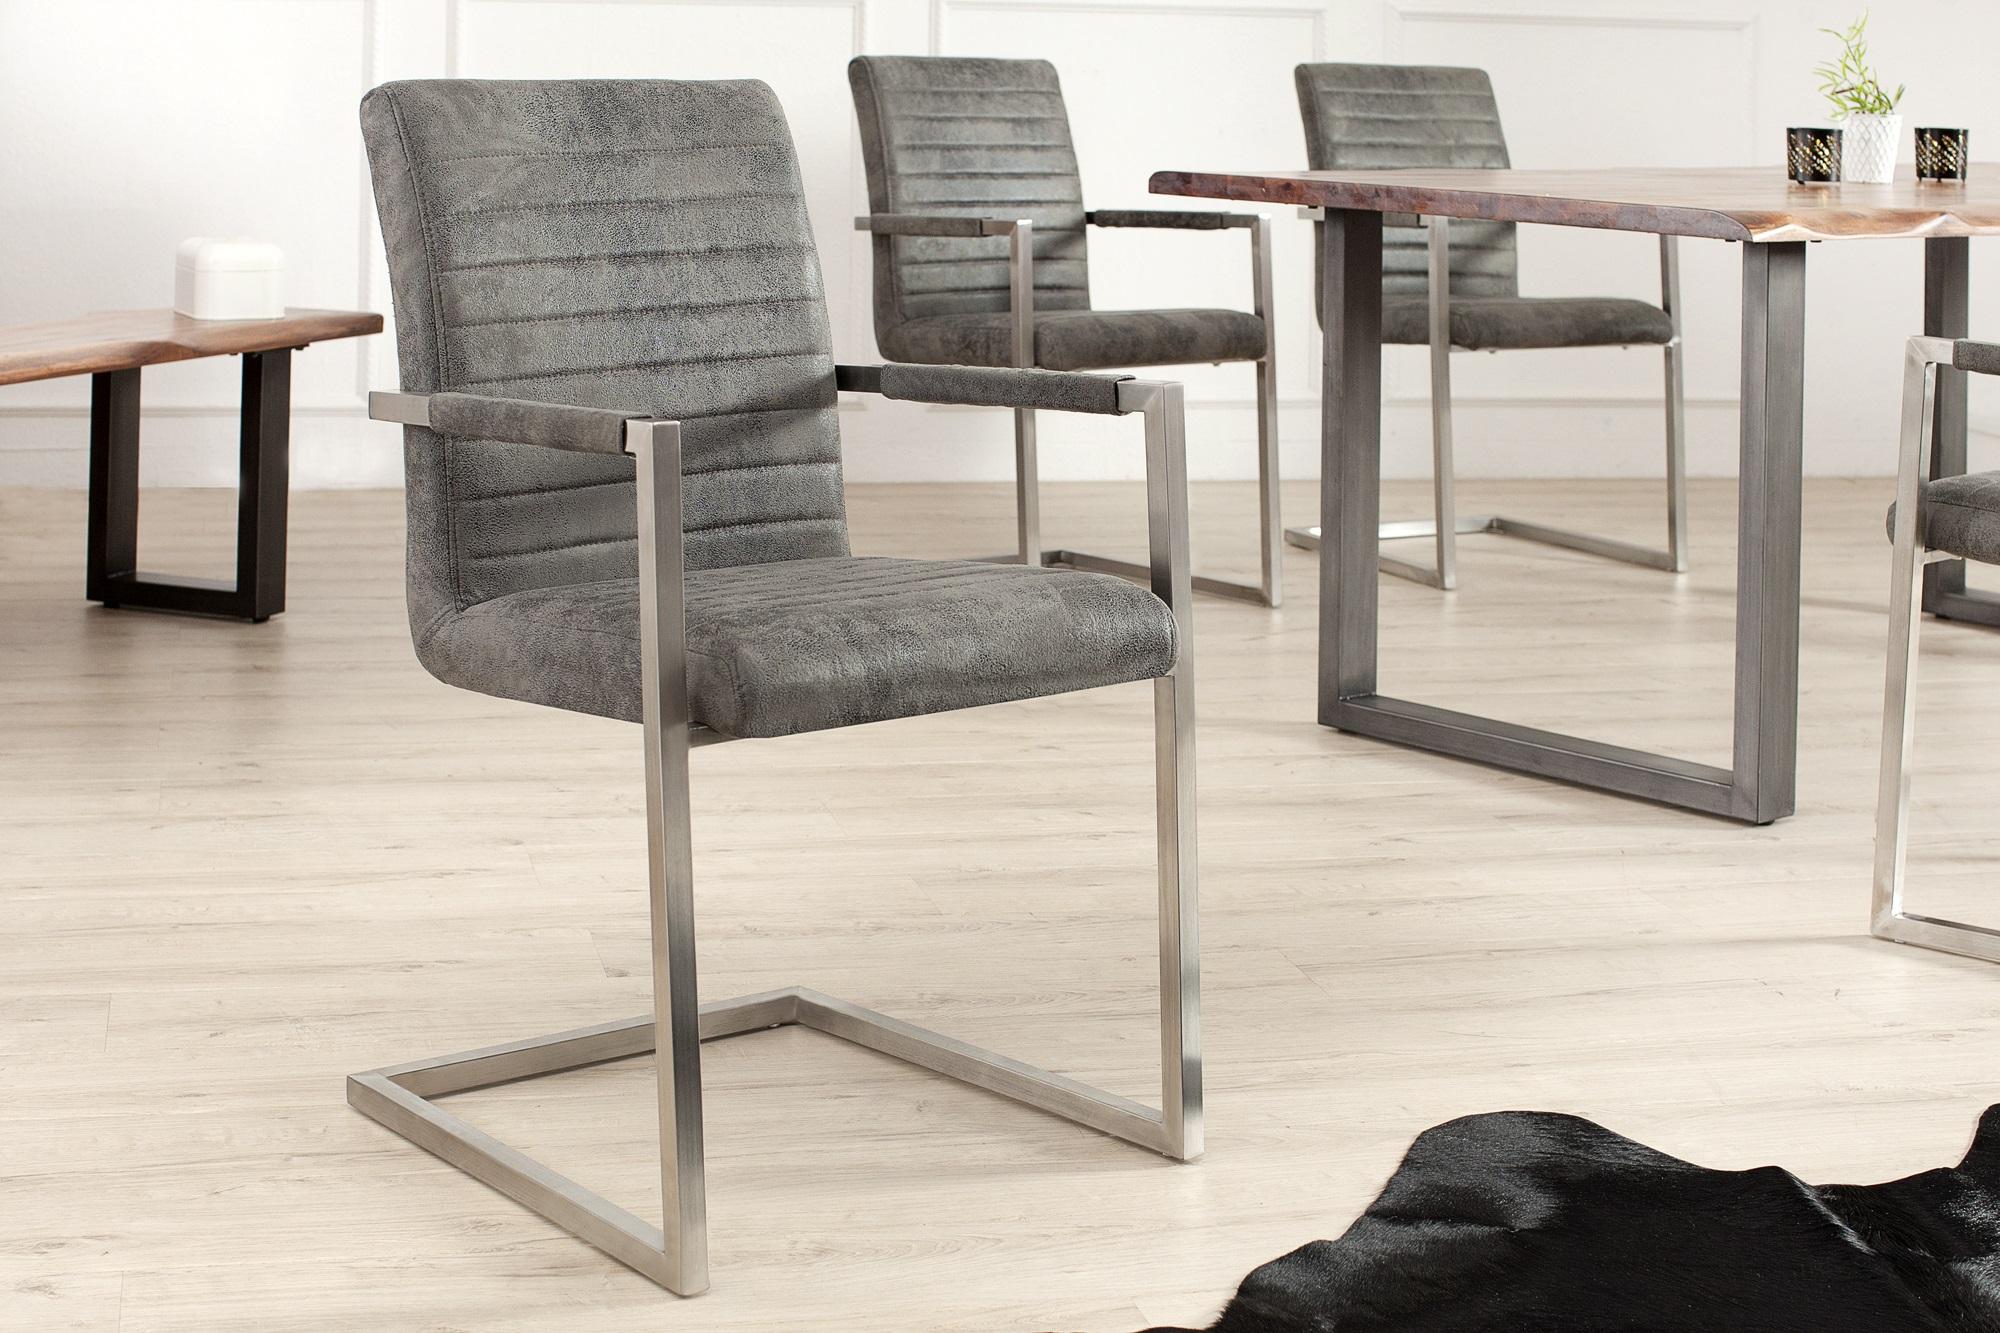 vintage stoelen kopen aktie. Black Bedroom Furniture Sets. Home Design Ideas